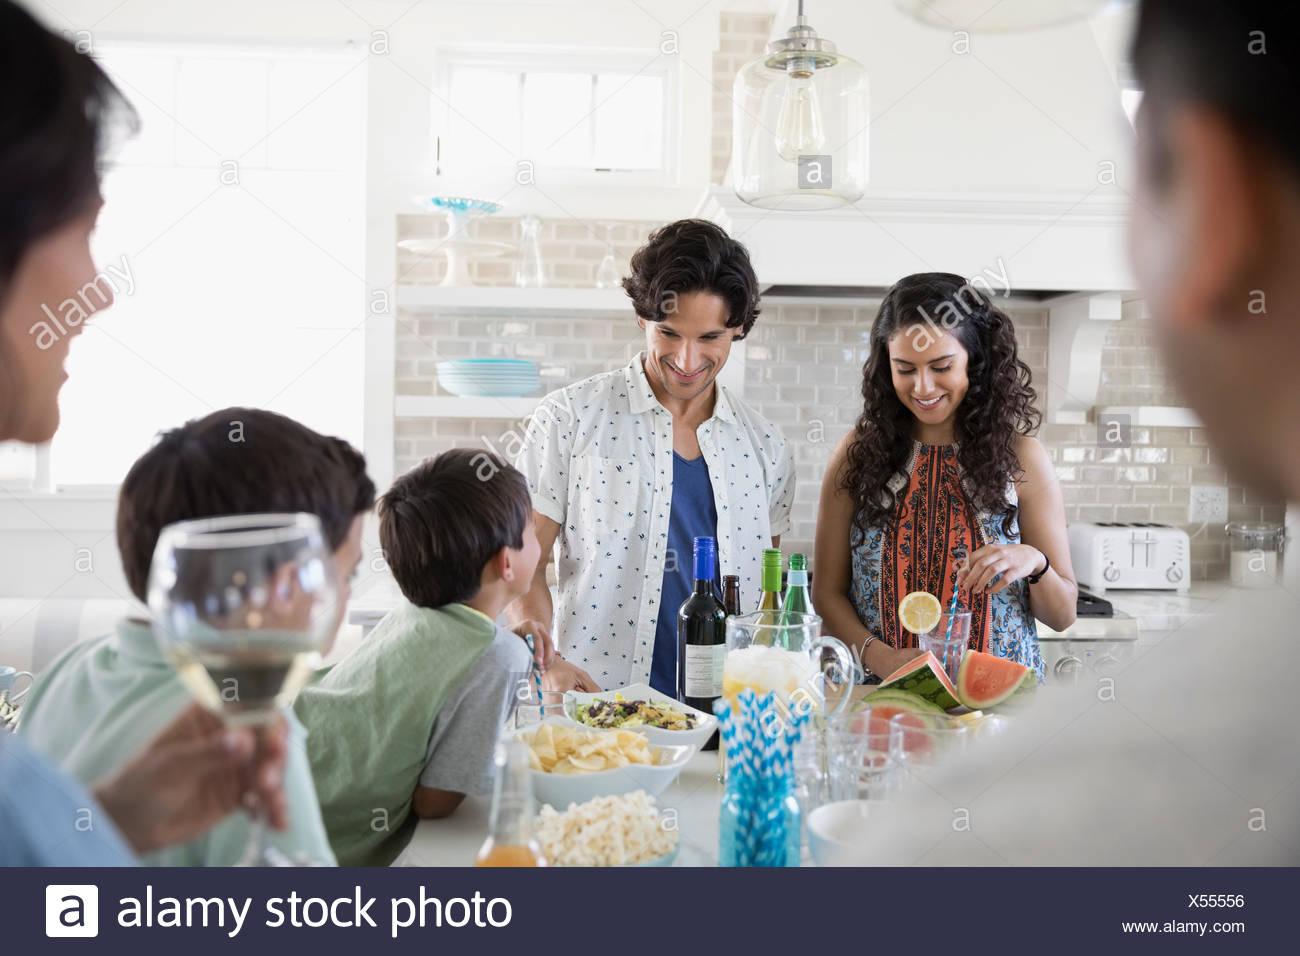 Boire et manger dans la famille beach house kitchen Photo Stock